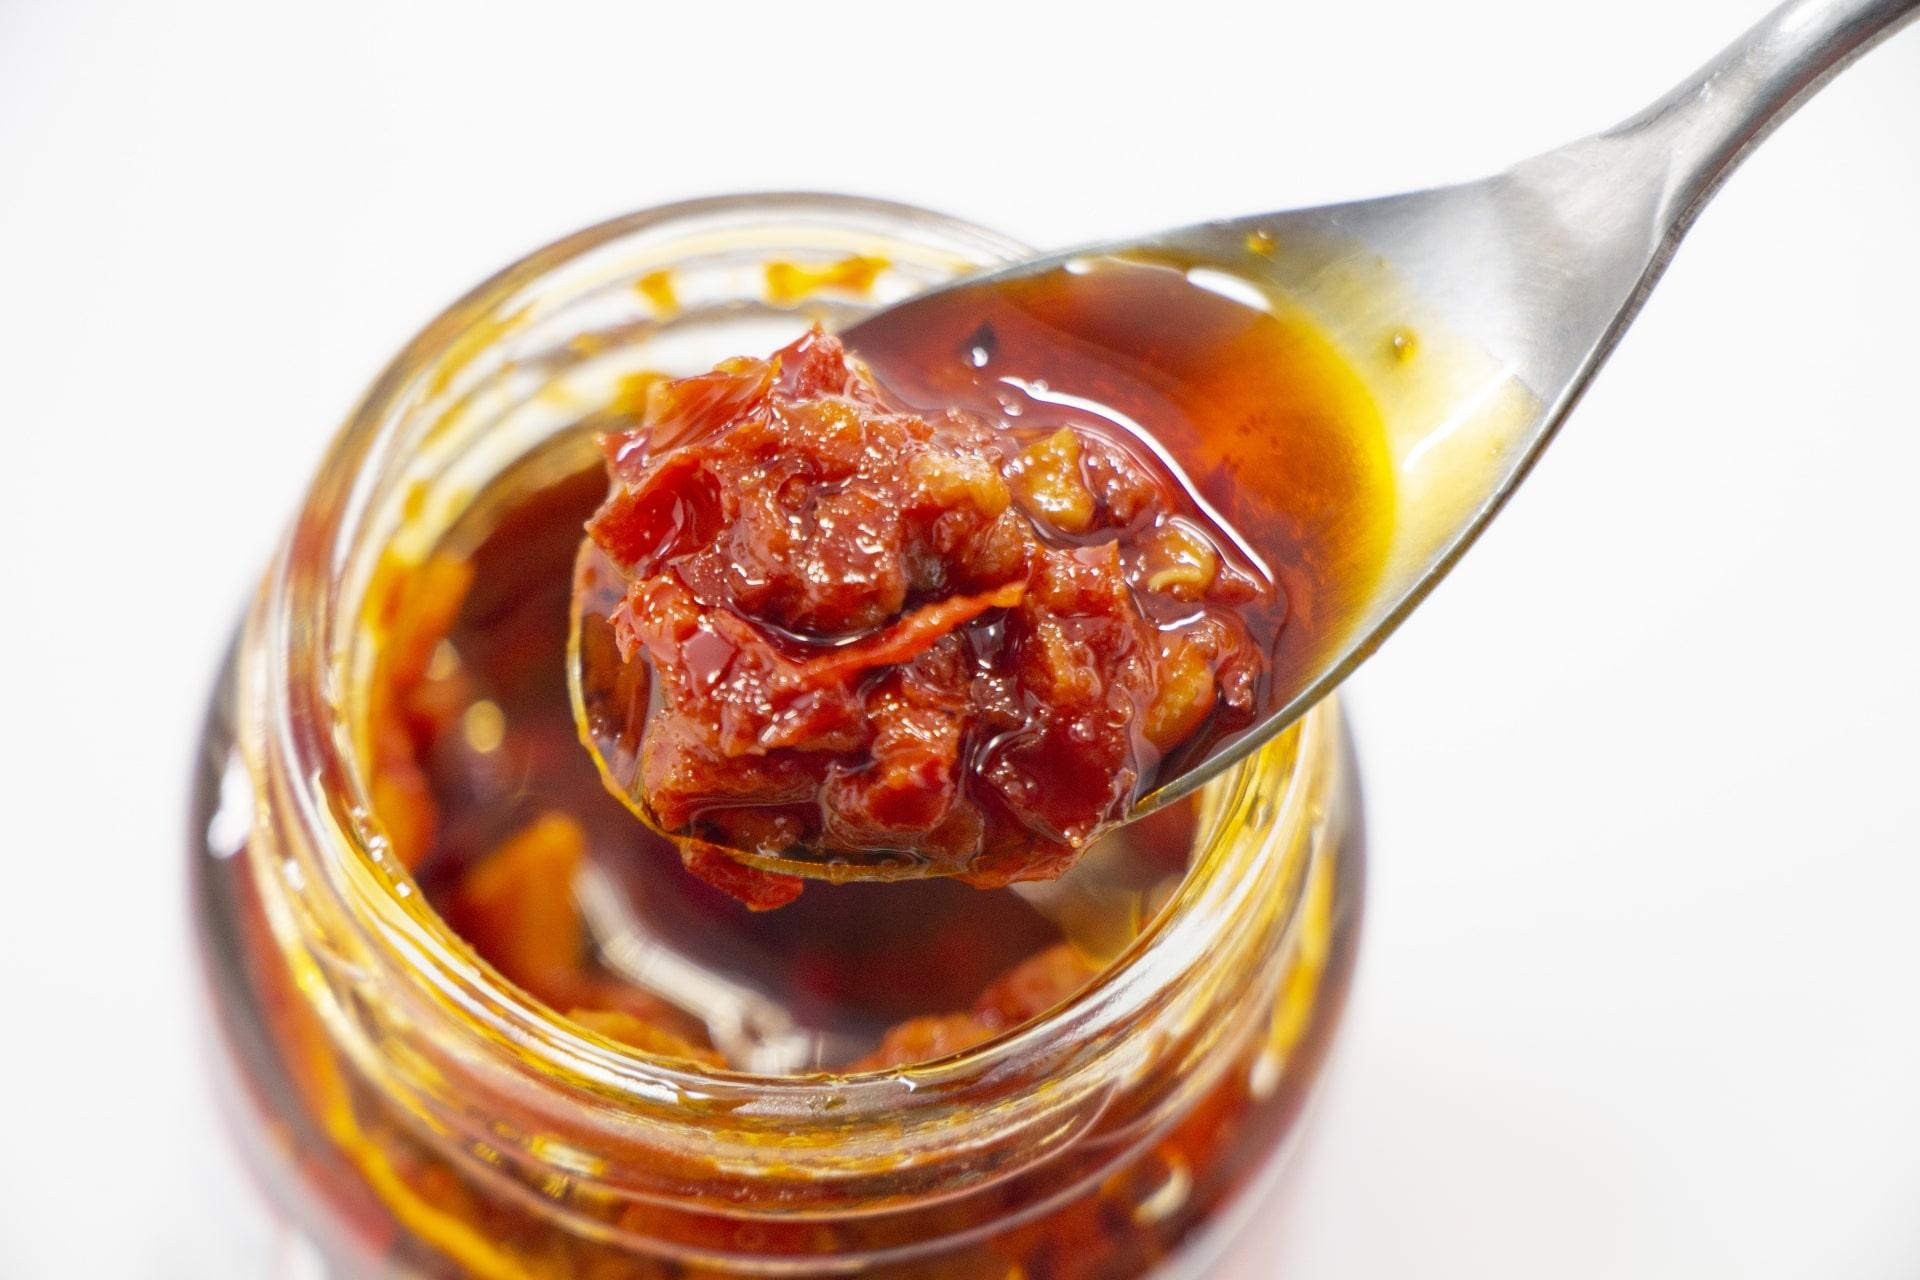 食べるラー油、食べる醤油に食べる炭まで!? 最新の『食べる○○』事情がすごい